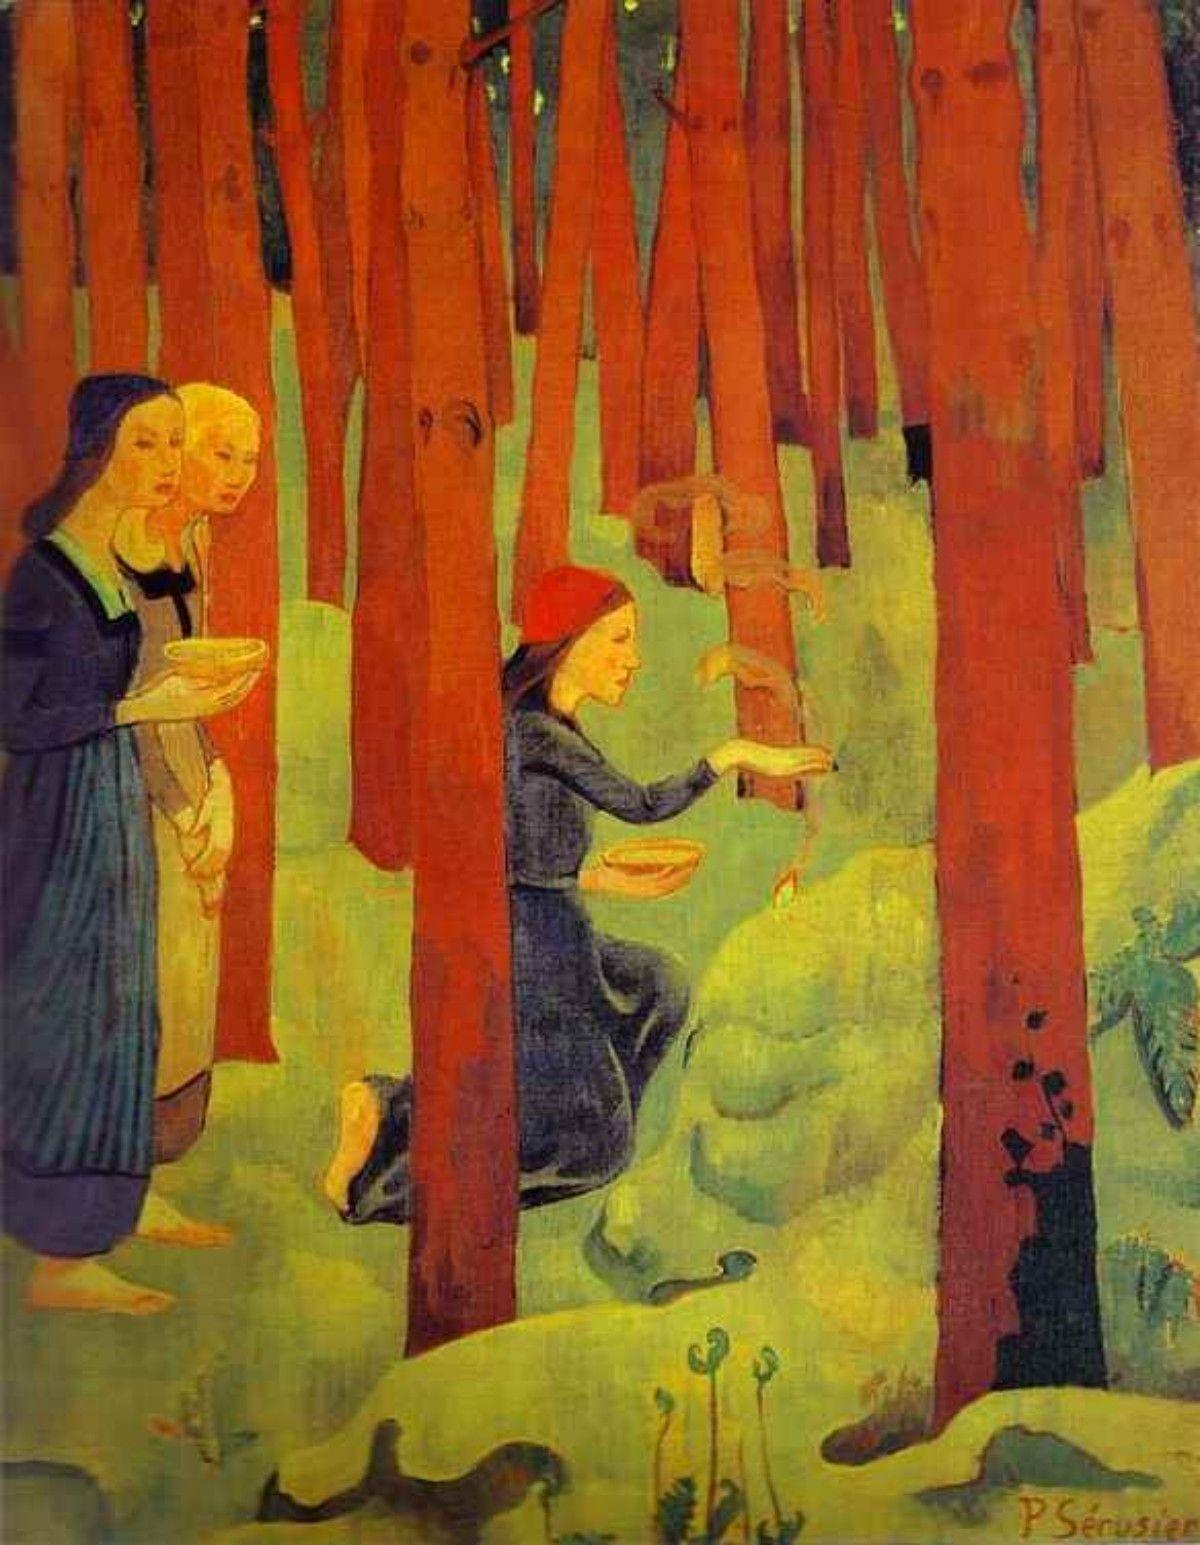 El conjuro o El bosque sagrado. Paul Sérusier, 1891-92. Museo de Bellas Artes, Quimper, Francia. Posimpresionismo. Simbolismo. Les Nabis.